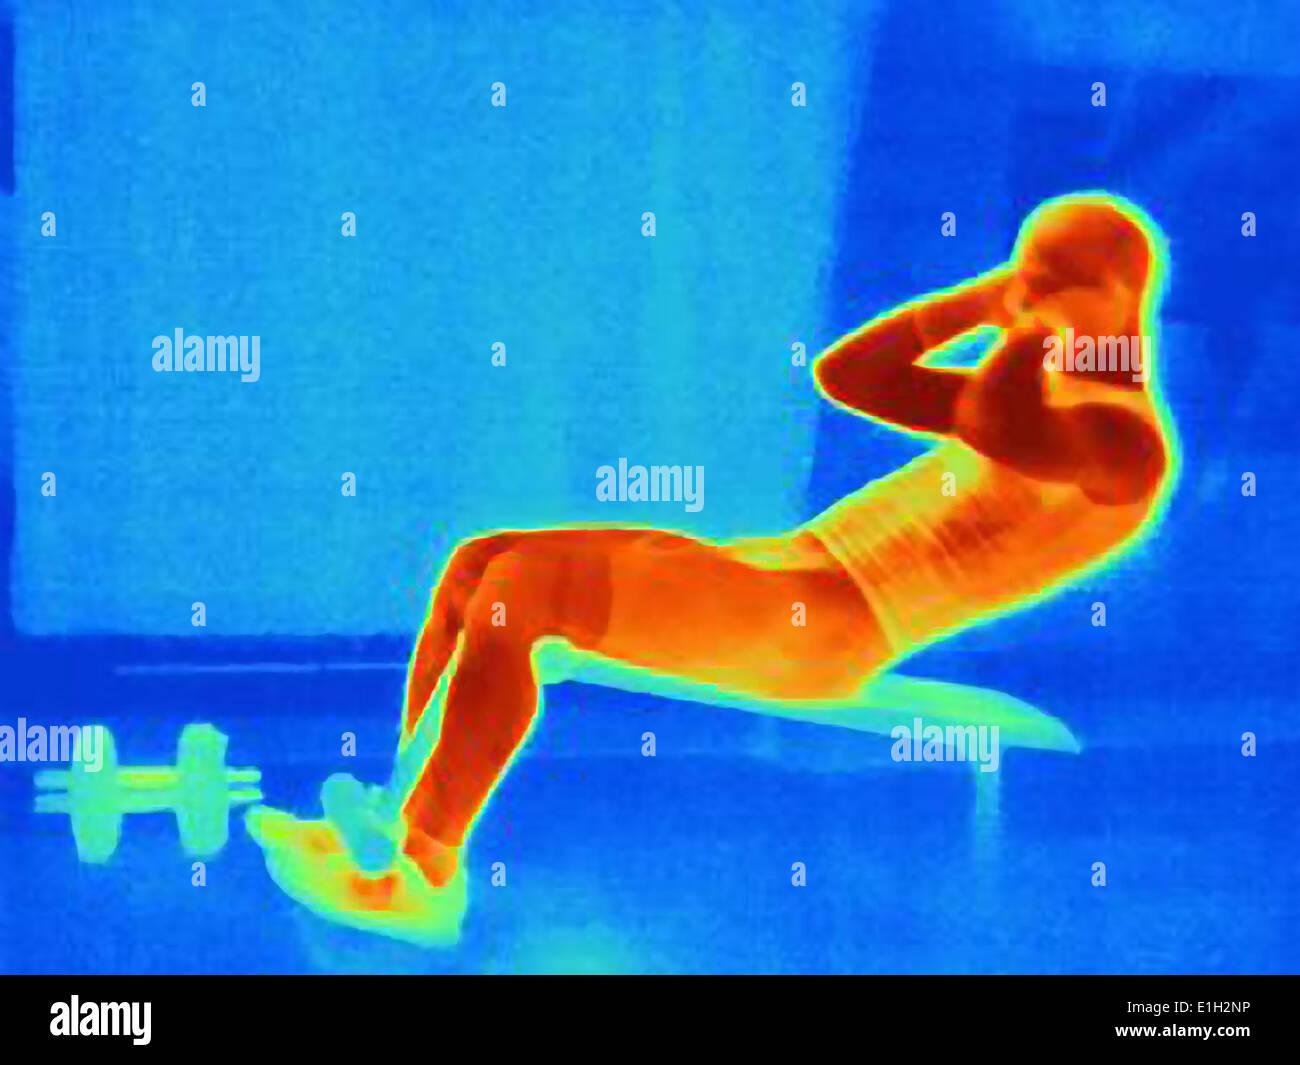 Image thermique de jeune homme faisant tirer sur ups weight bench. L'image montre la chaleur produite par les Photo Stock